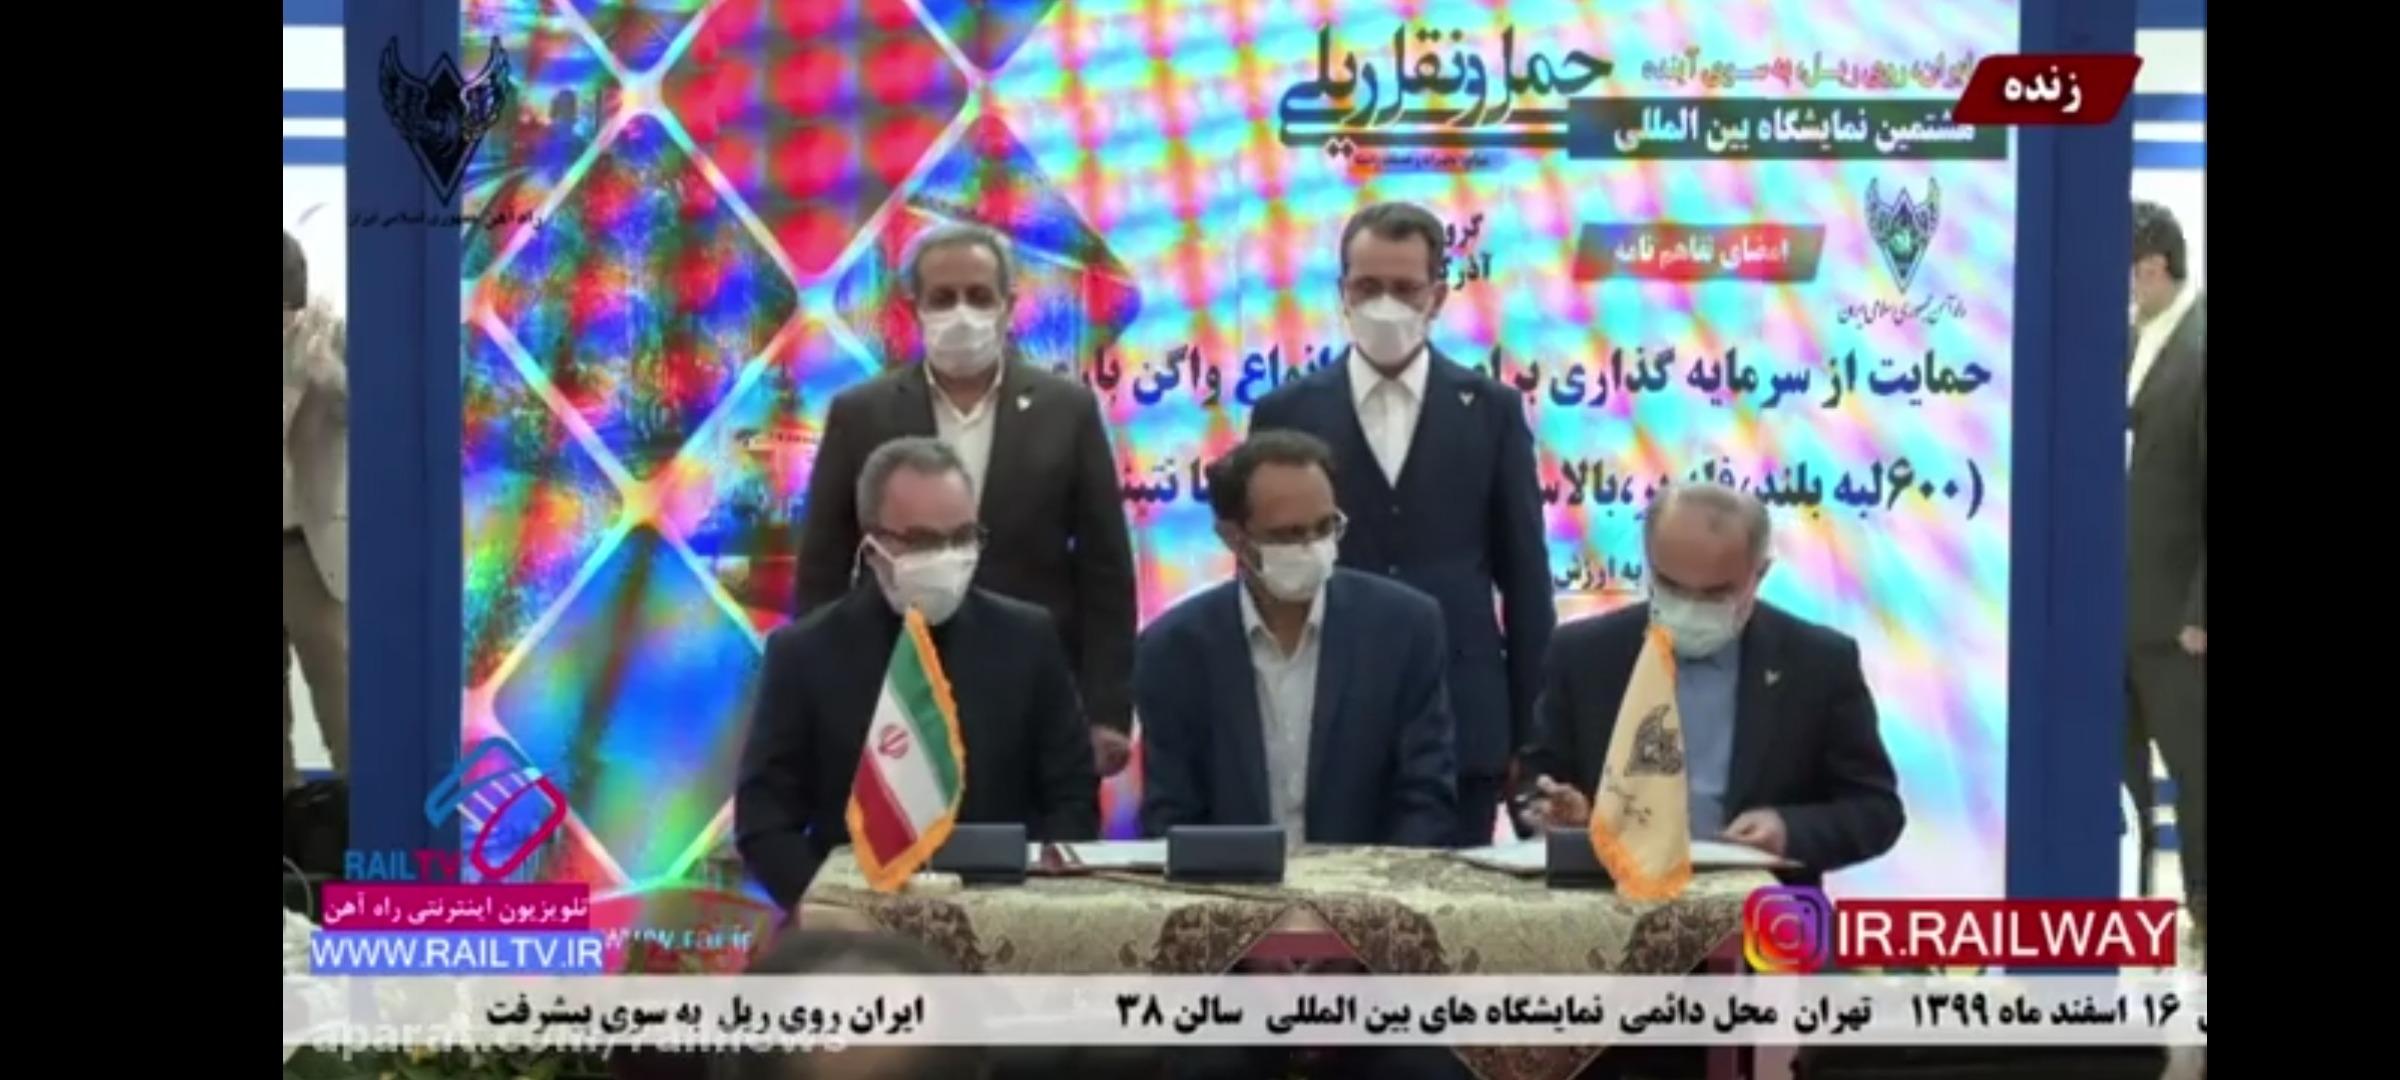 امضای تفاهم نامه با گروه صنعت آذر کیا تجارت در نمایشگاه حمل و نقل ریلی ۱۳ اسفند